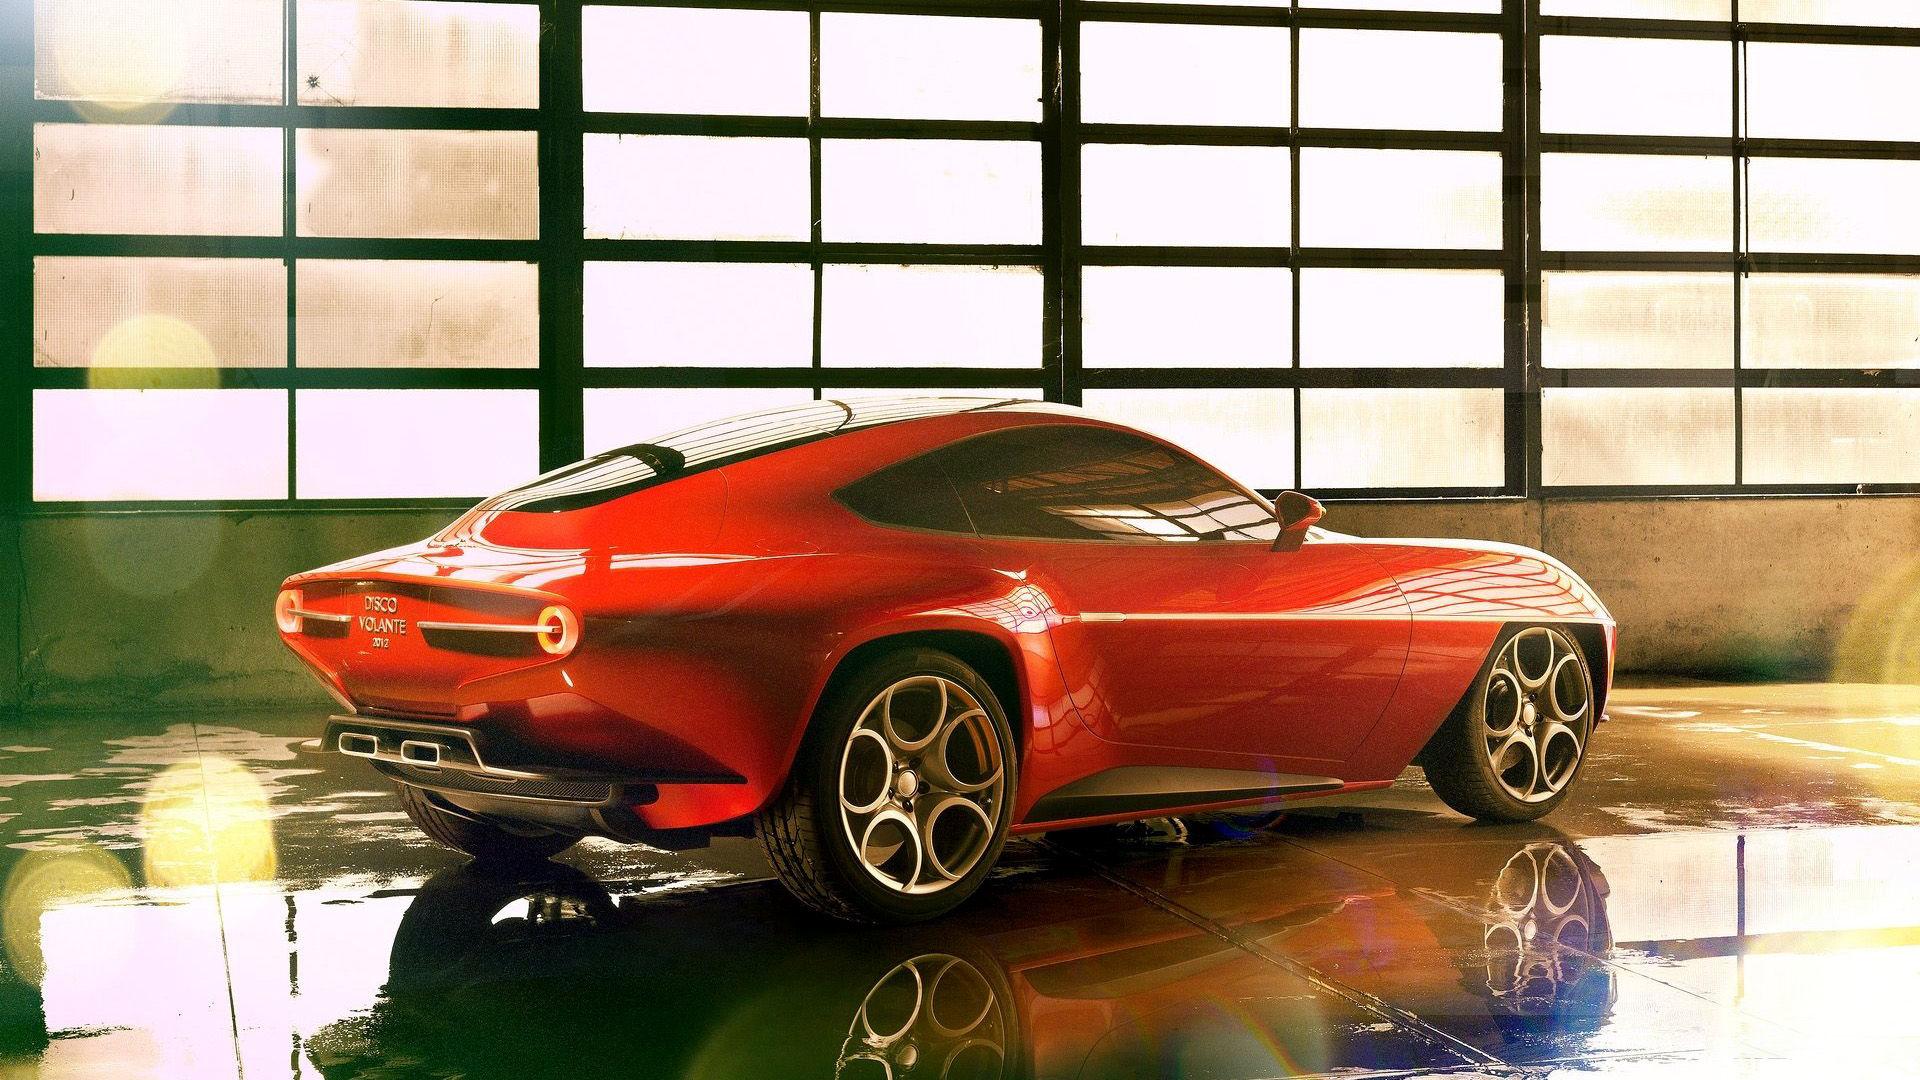 2012 Alfa Romeo Disco Volante Touring